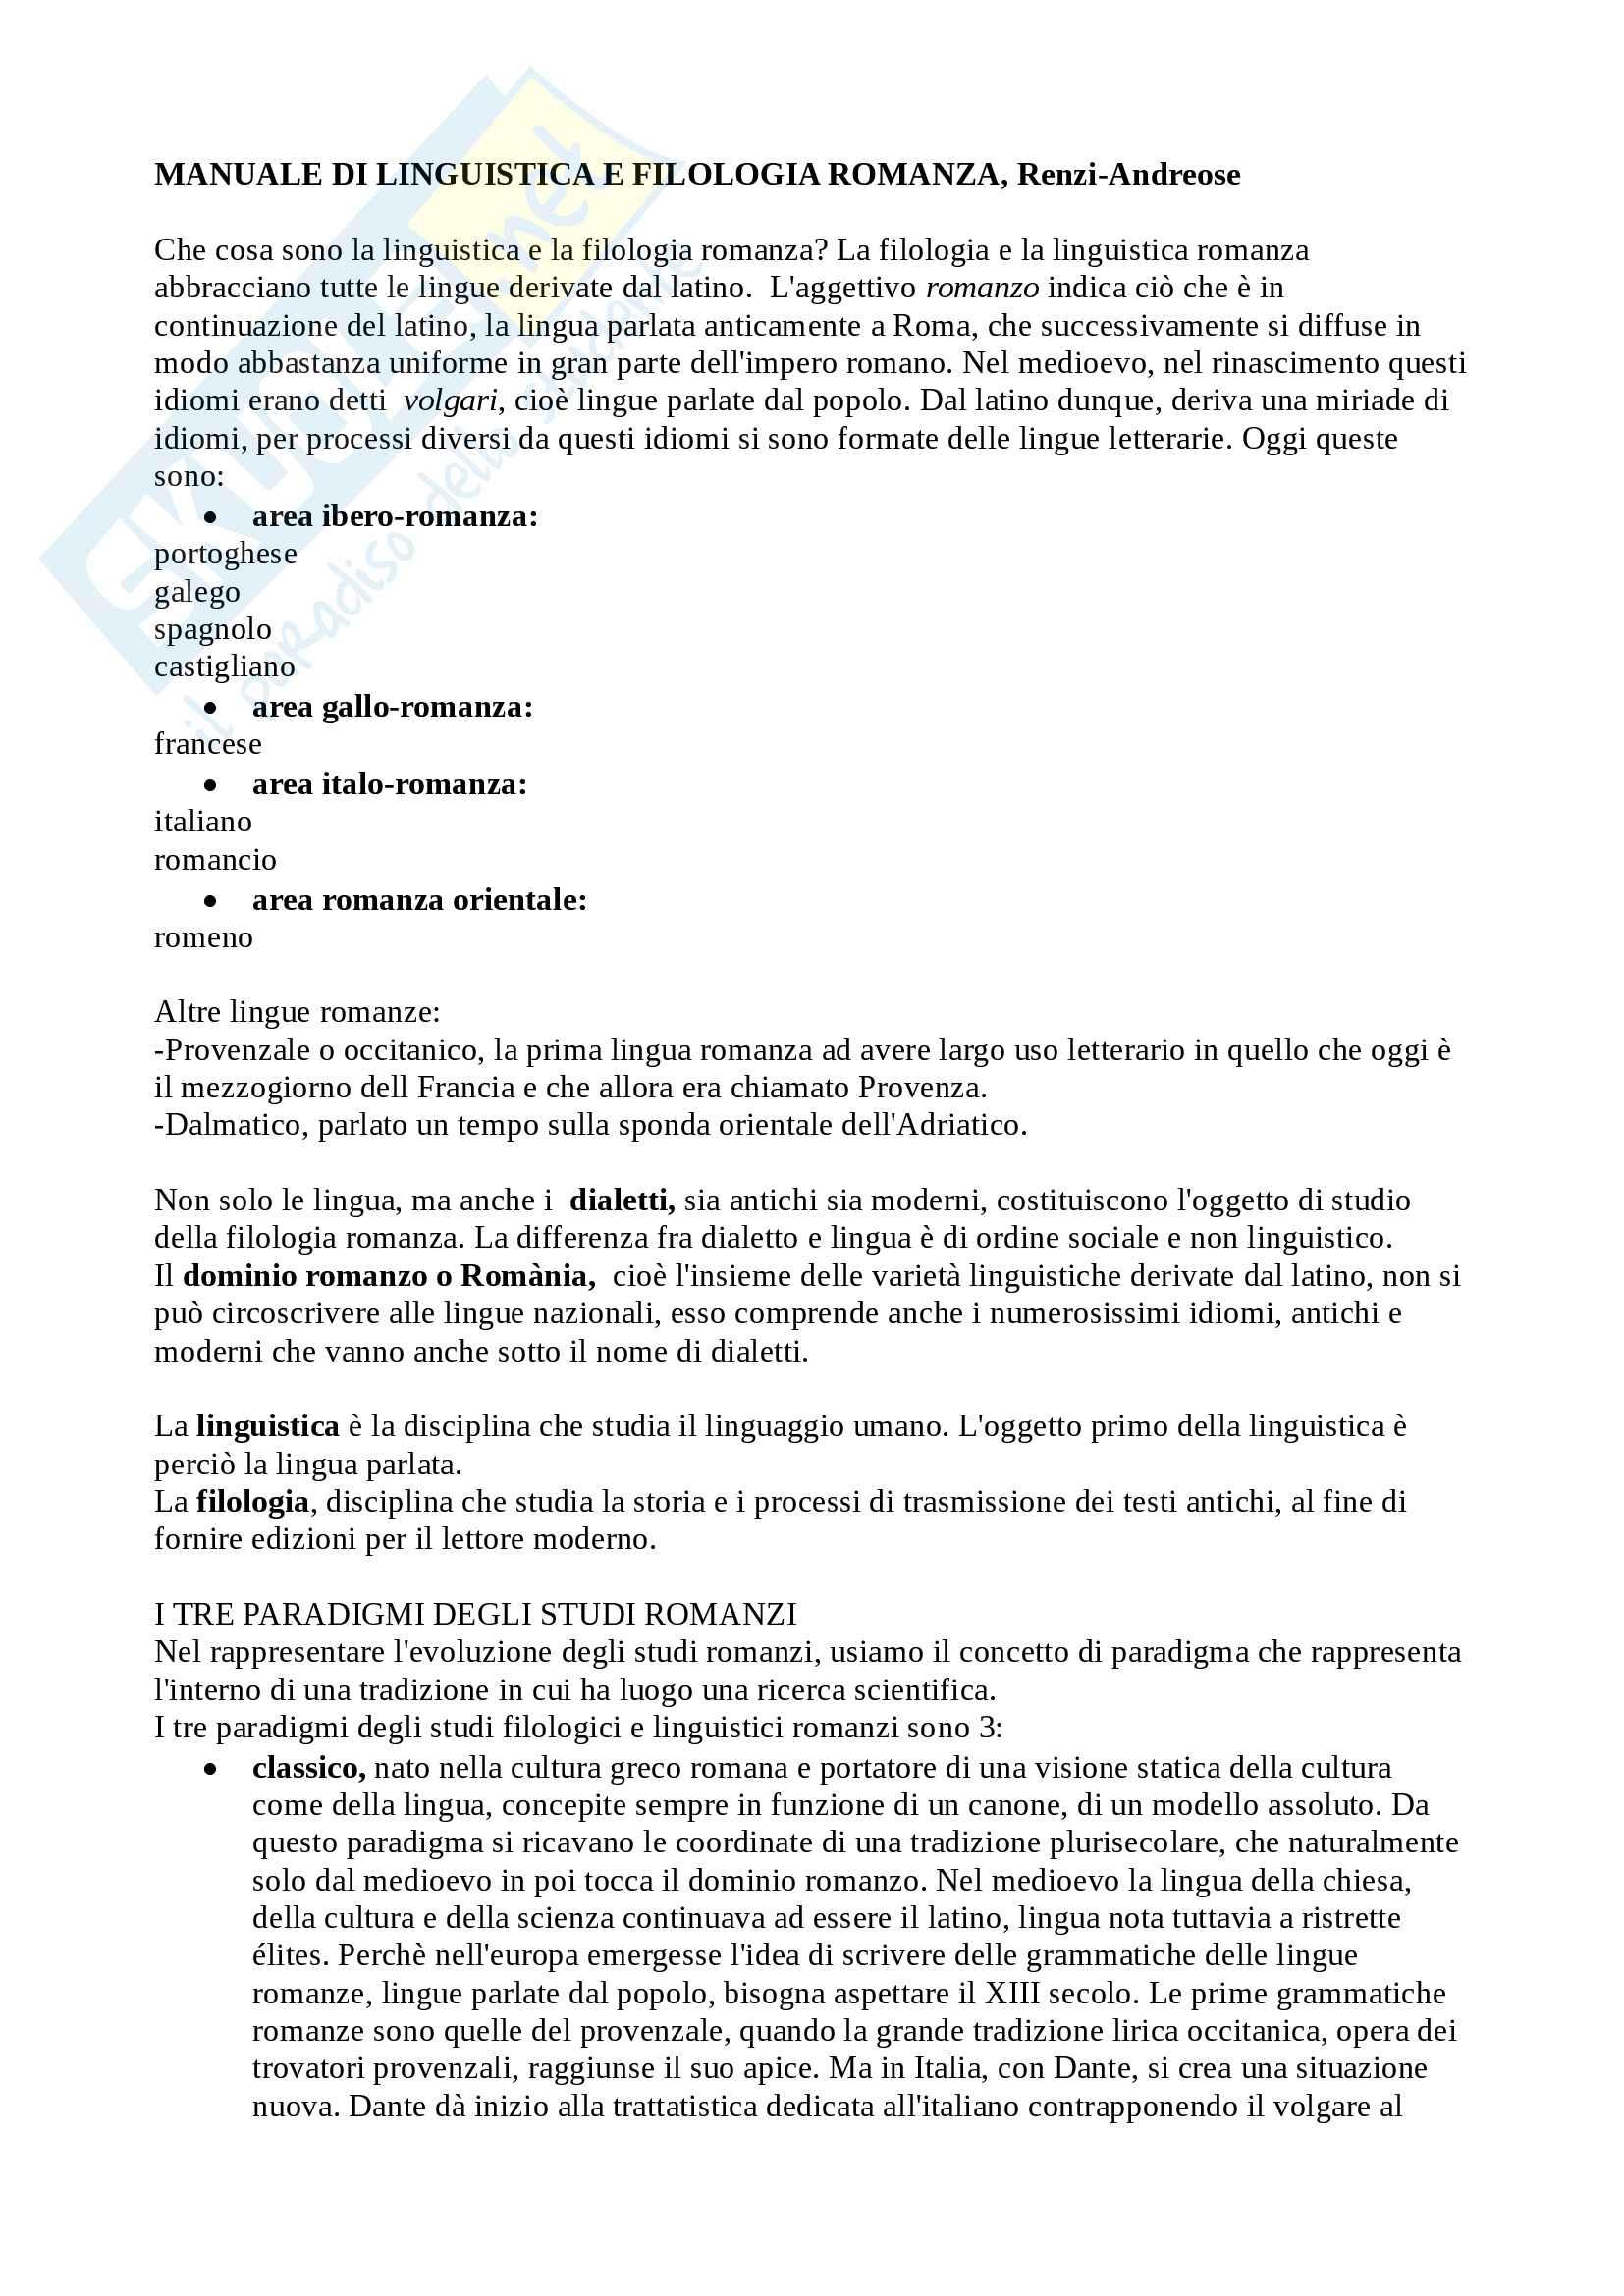 Riassunto esame Filologia Romanza, Cigni, libro consigliato Manuale di linguistica e filologia romanza, Renzi, Andreose